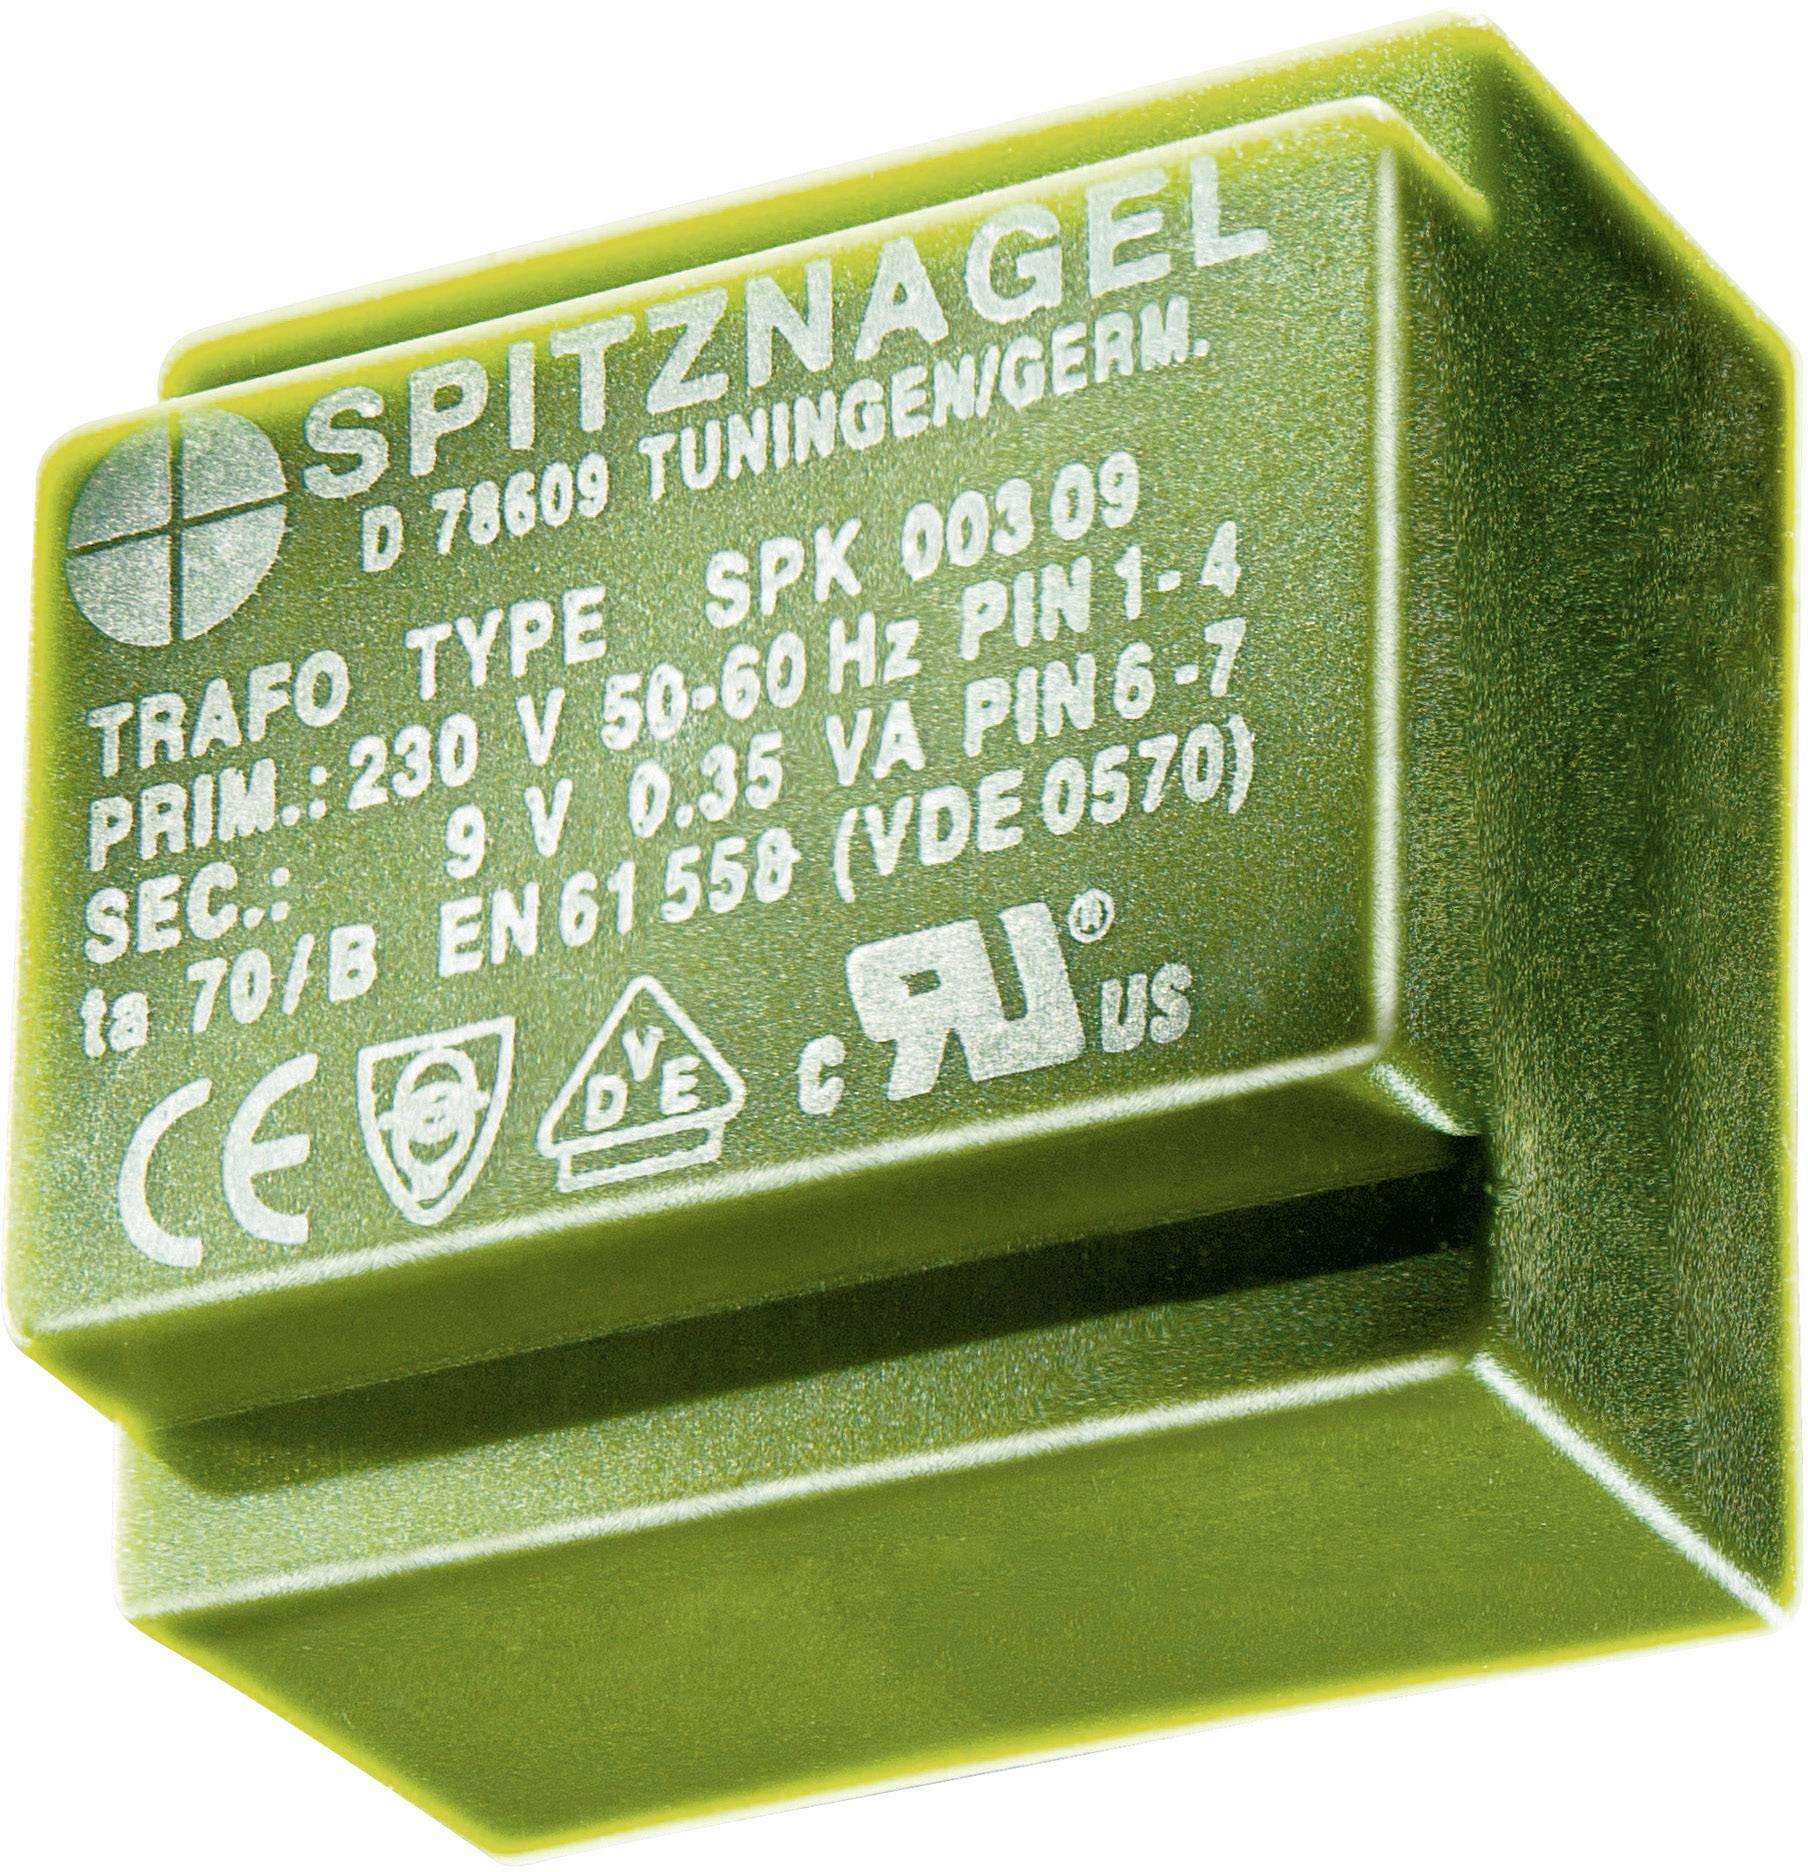 Transformátor do DPS Spitznagel El 30/10,5, 230 V/2x 9 V, 2x 83 mA, 1,5 VA